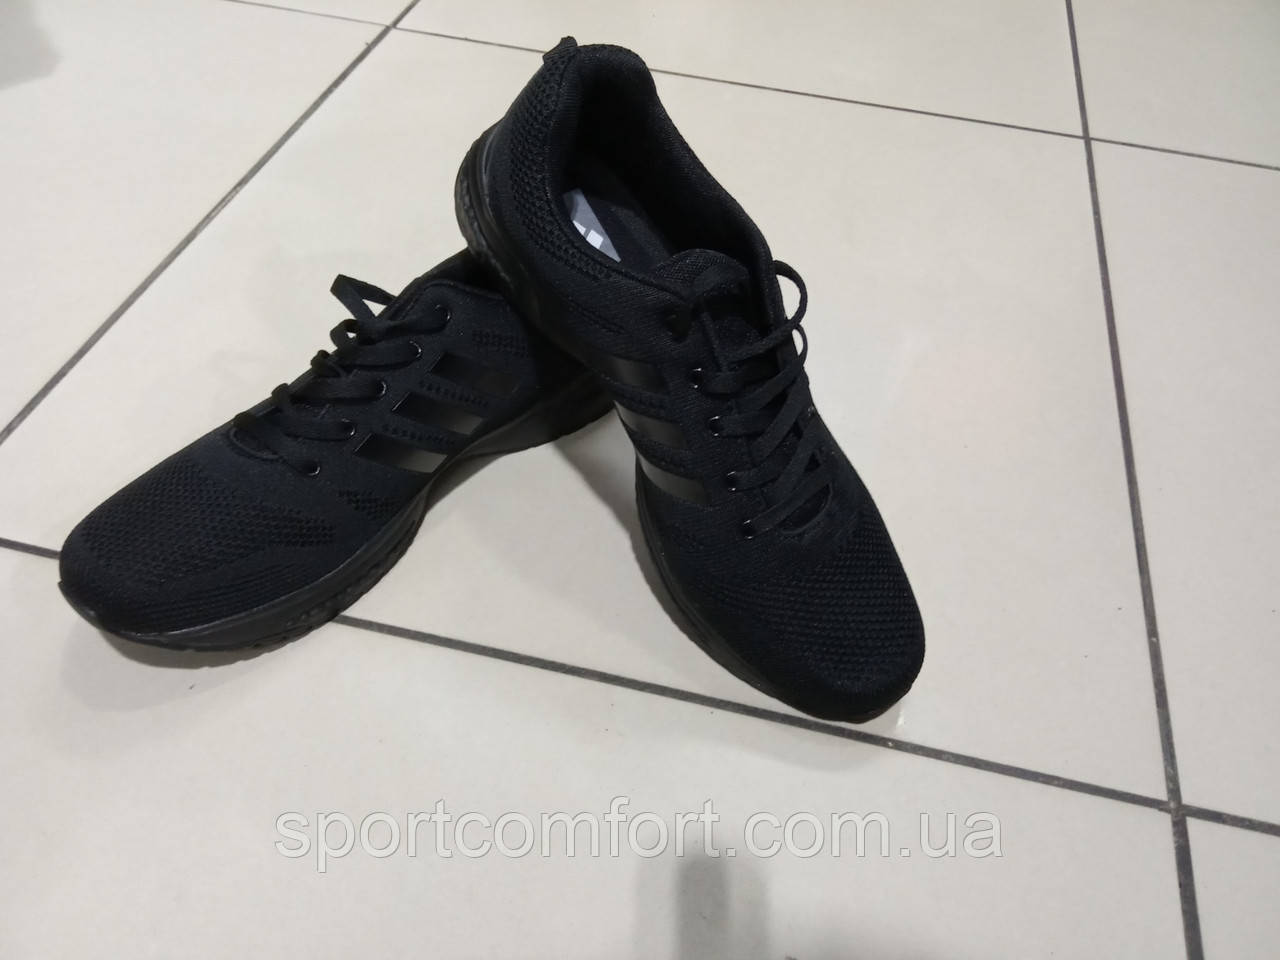 Кроссовки великаны чёрные сетка Adidas